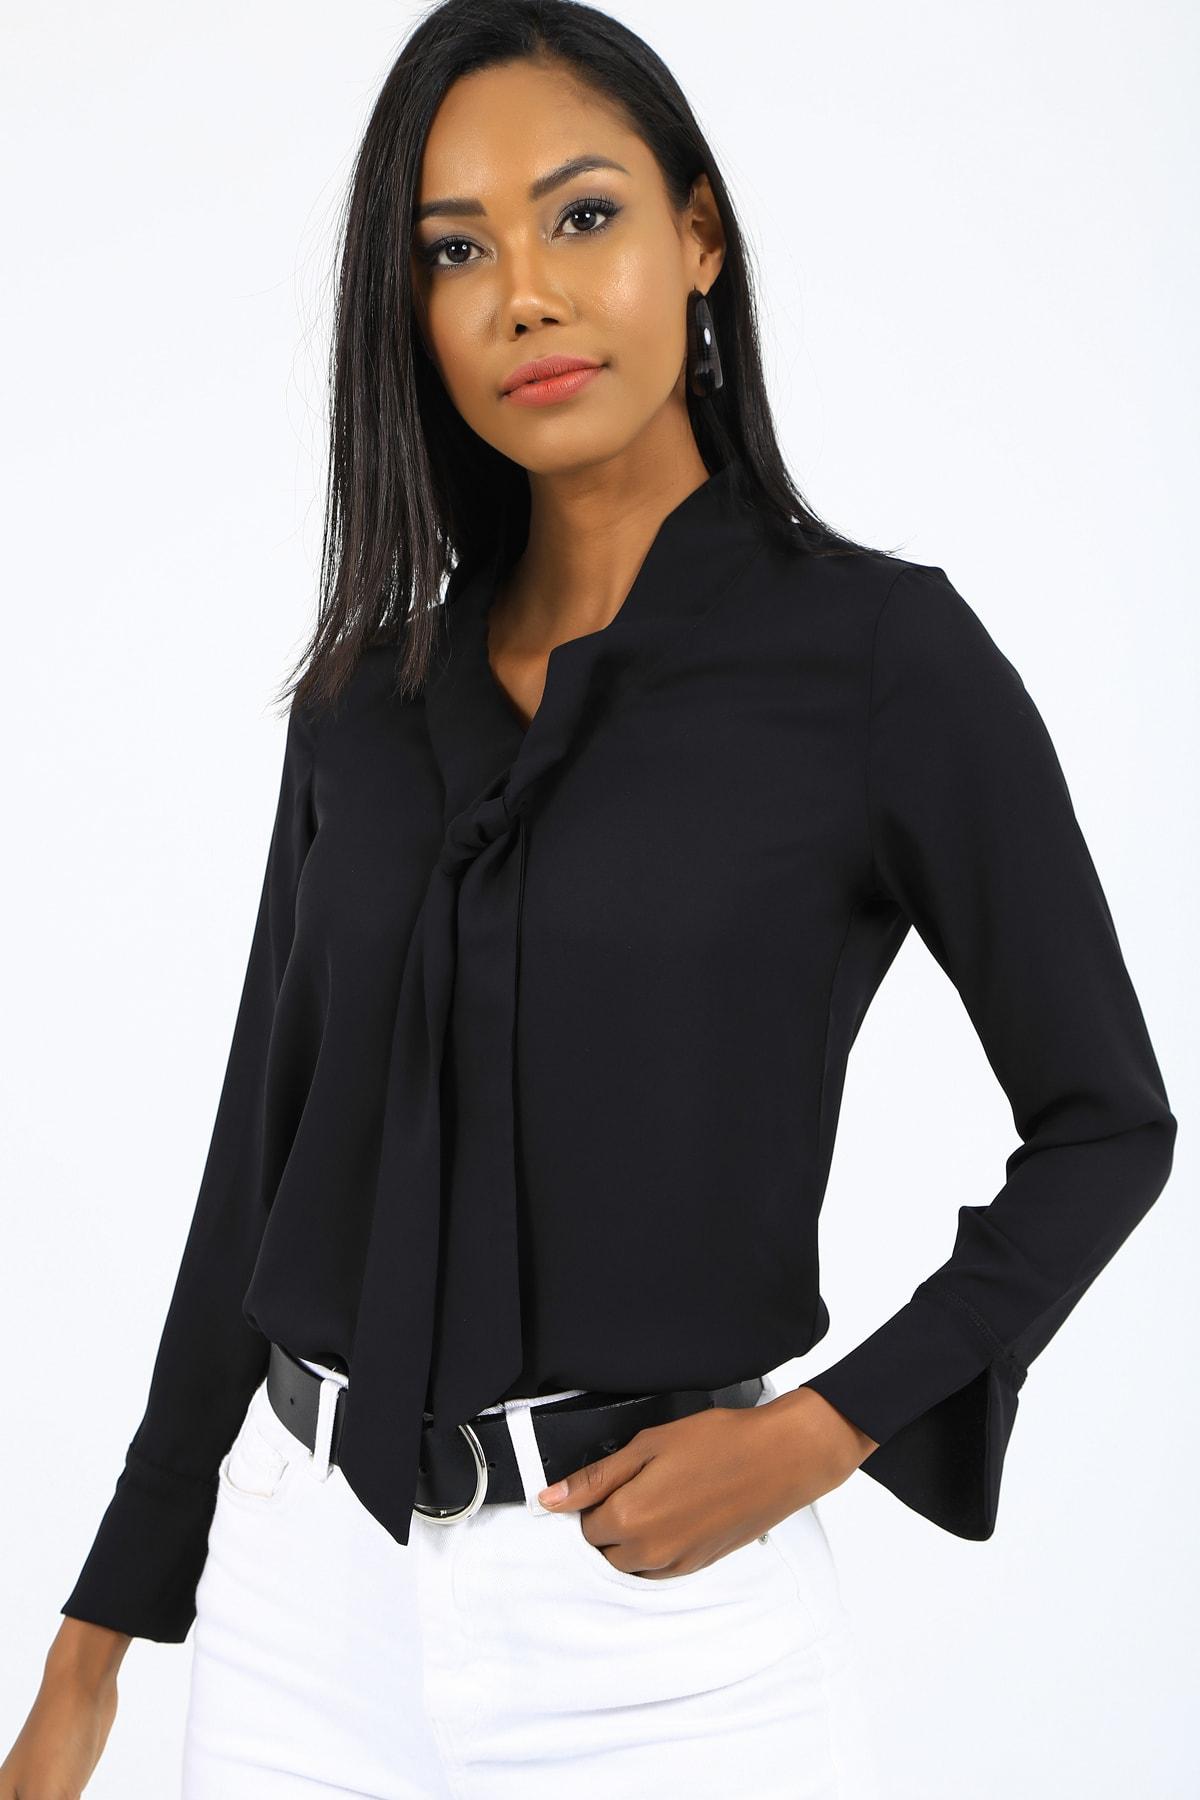 EMJEY Kadın Siyah Önü Bağlamalı Kolları Manşetli Gömlek She020B010059 2